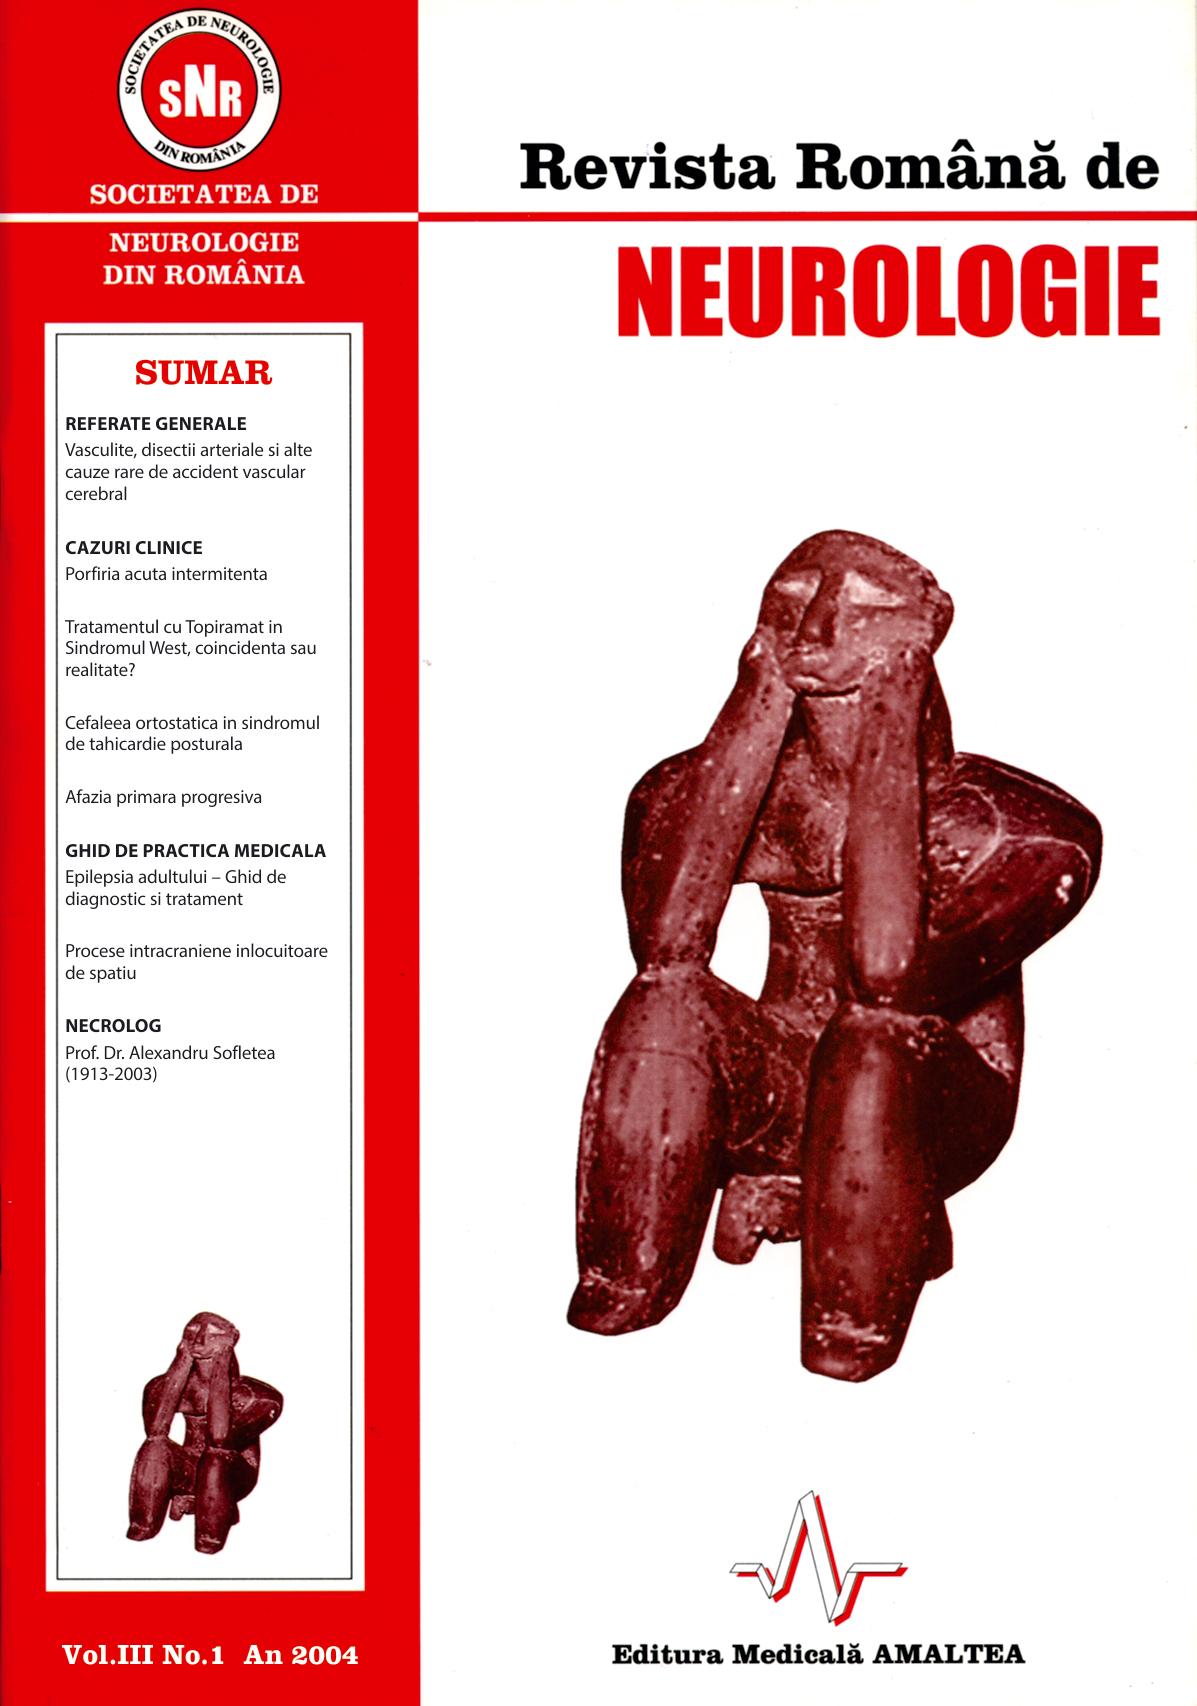 Romanian Journal of Neurology, Volume III, No. 1, 2004